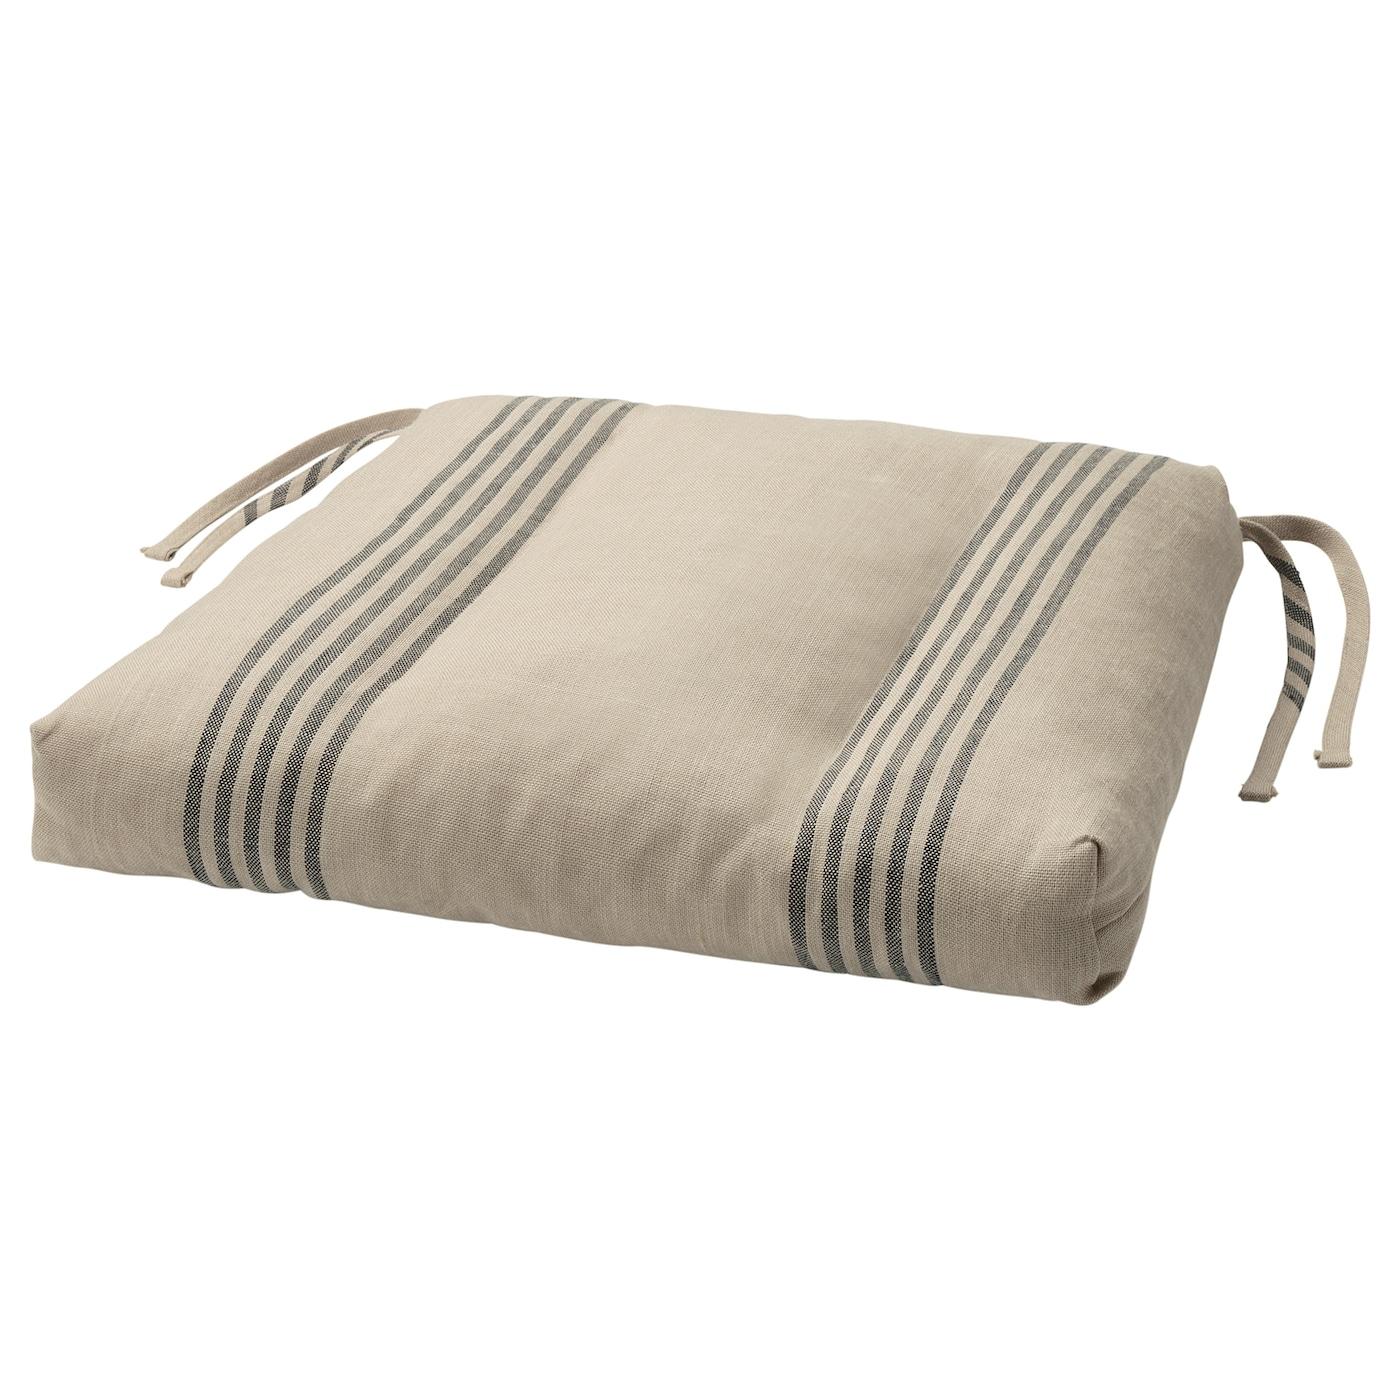 IKEA ULLAMAJ Coussin De Chaise Des Liens Permettent Maintenir Le Carreau En Place